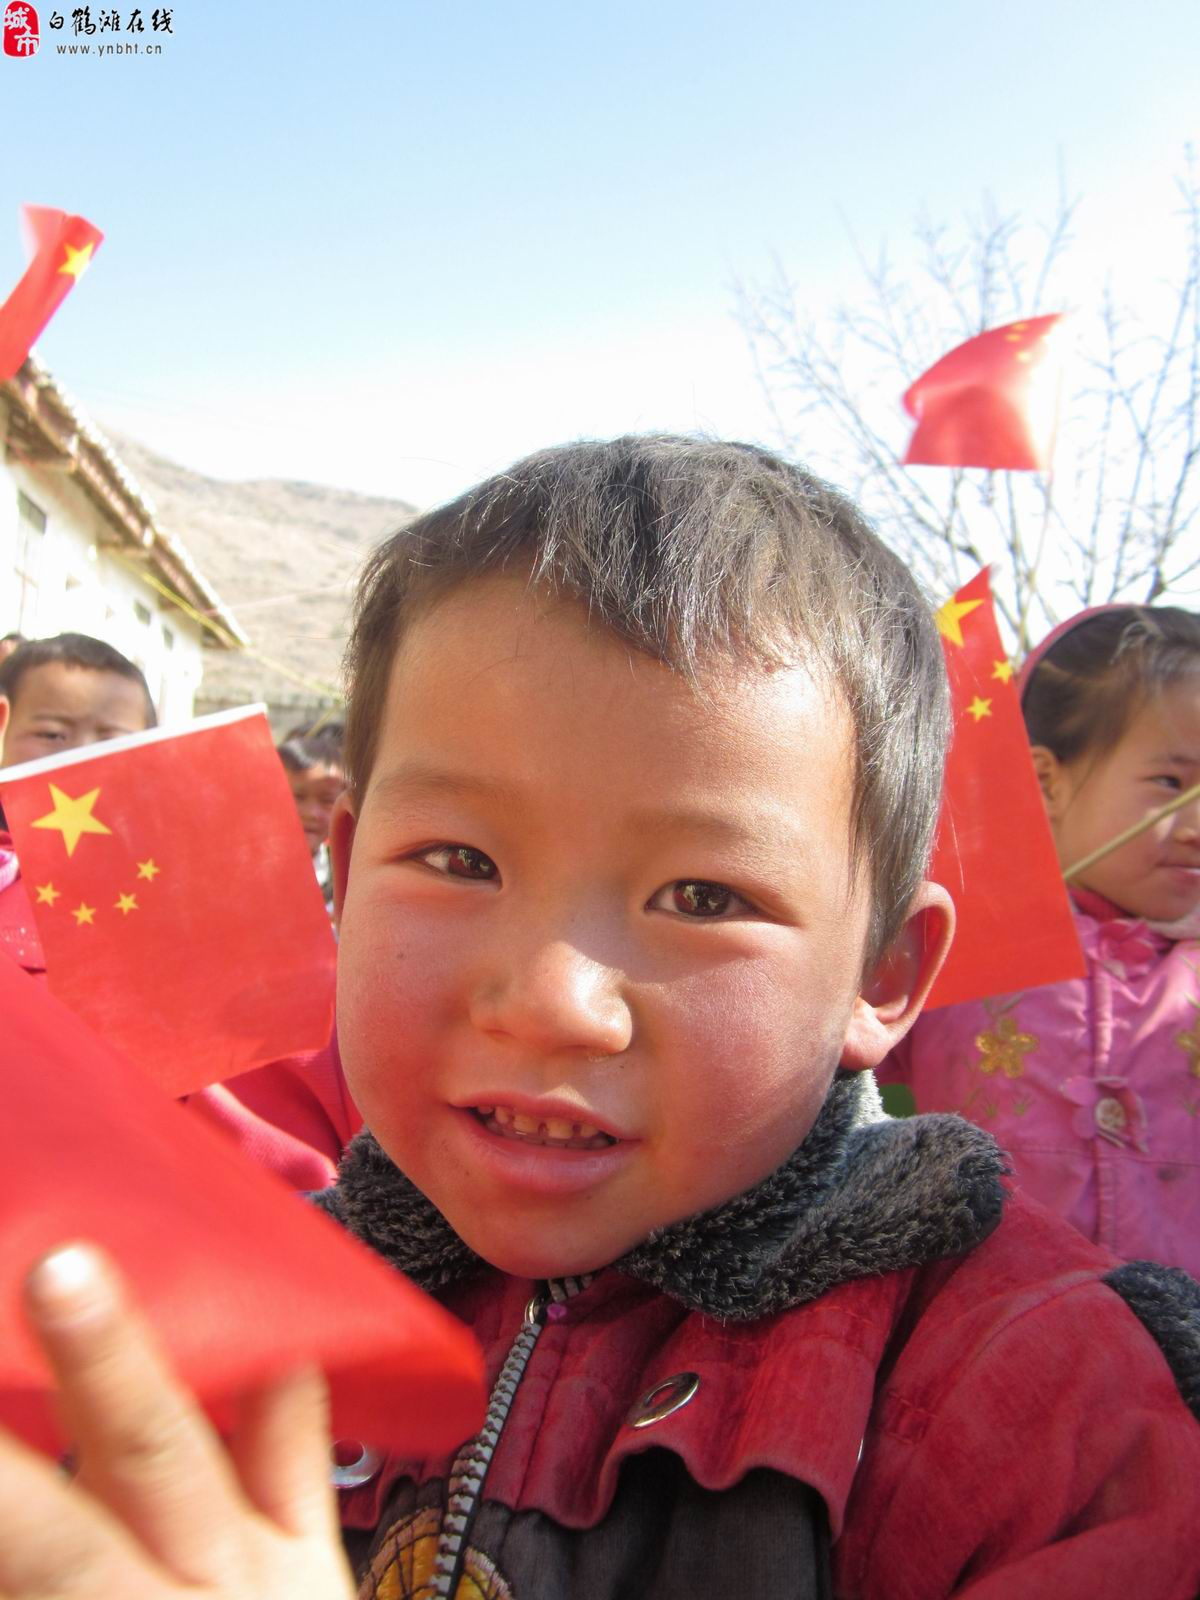 农村孩子们可爱的笑脸